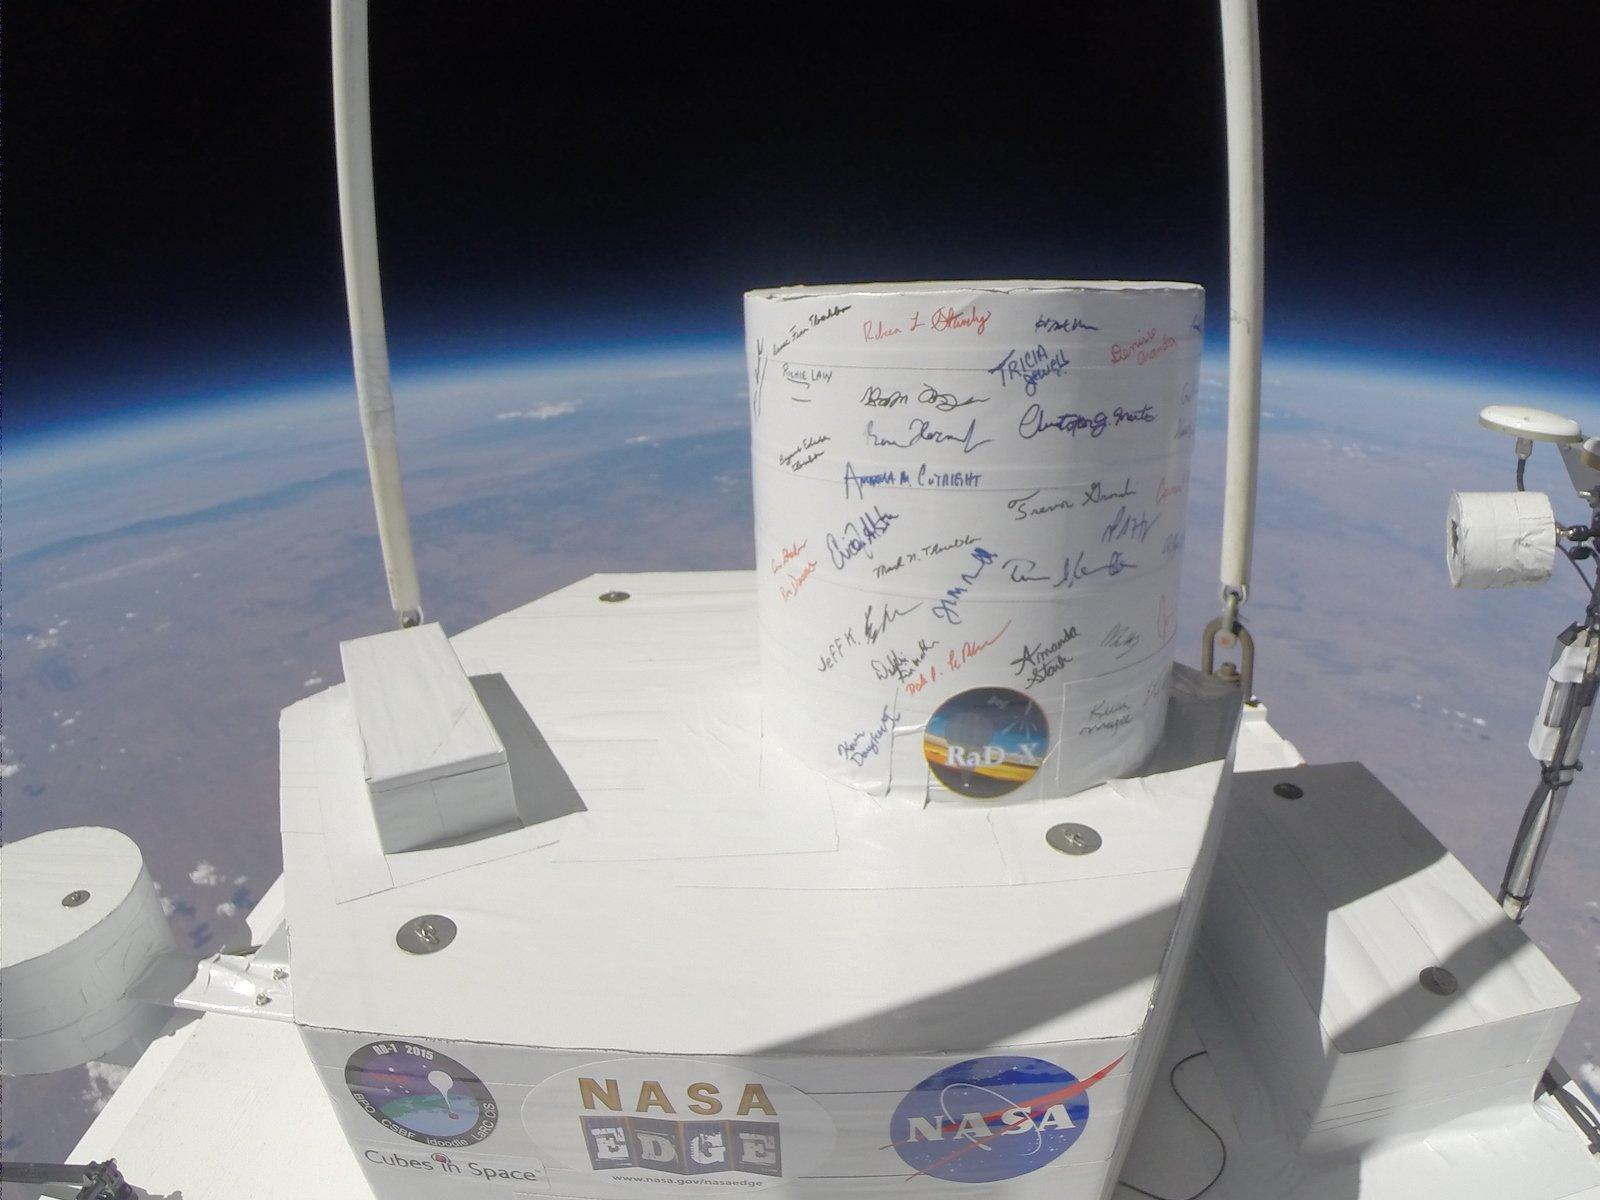 Im September 2015 schickte die NasaRaD-Xin die Stratosphäre, um die kosmische Strahlung aus der Sonne und dem interstellaren Raum zu messen.